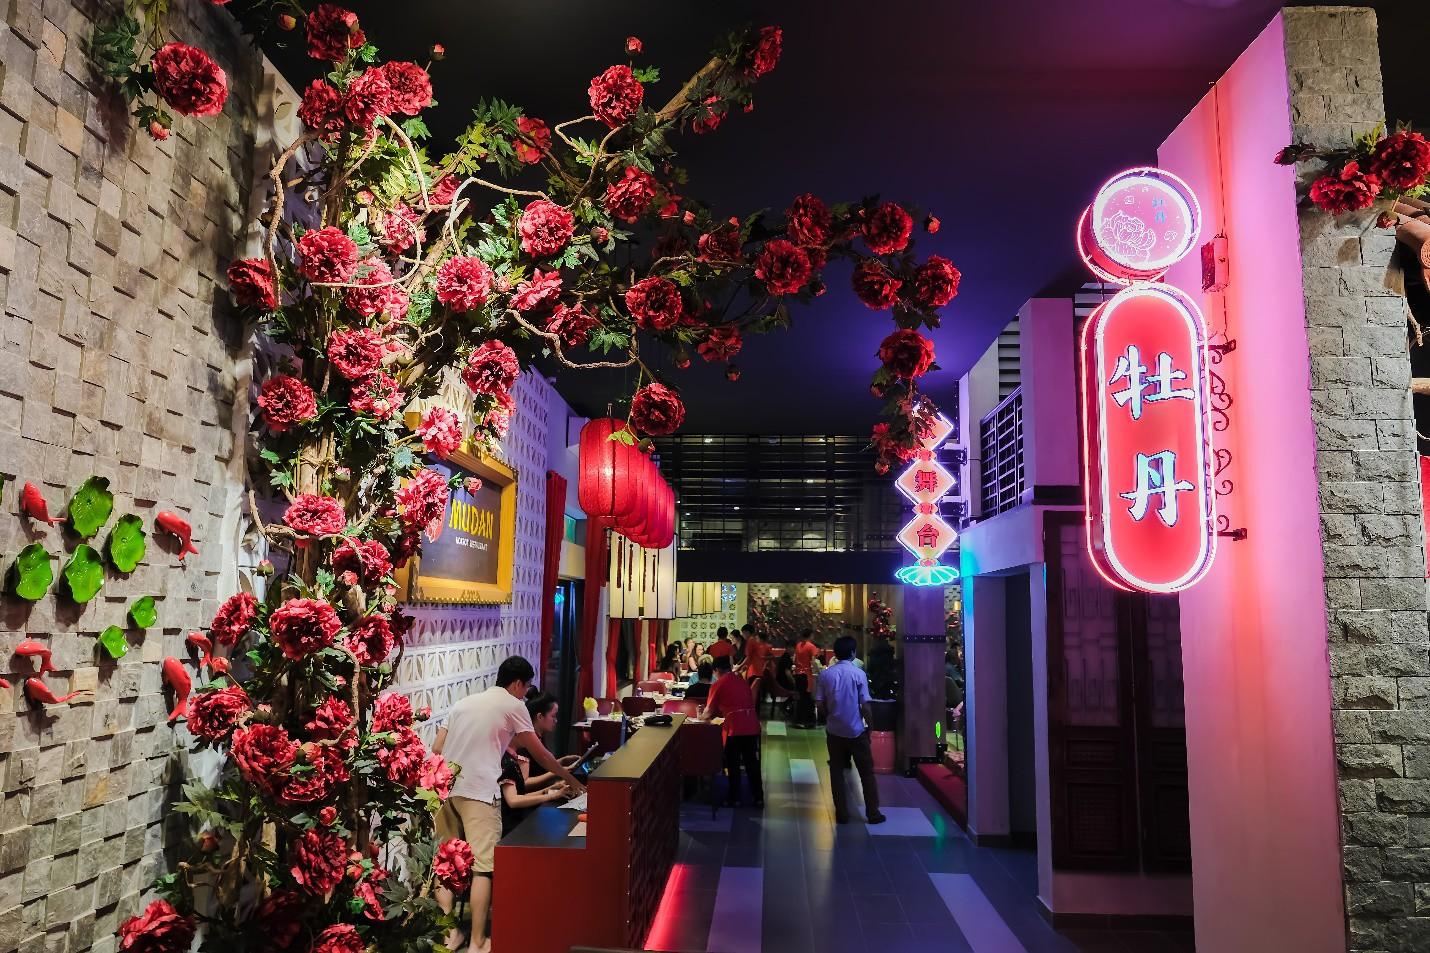 Đà Nẵng xuất hiện nhà hàng đẹp như phim cổ trang Trung Quốc bạn đã checkin chưa? - Ảnh 2.